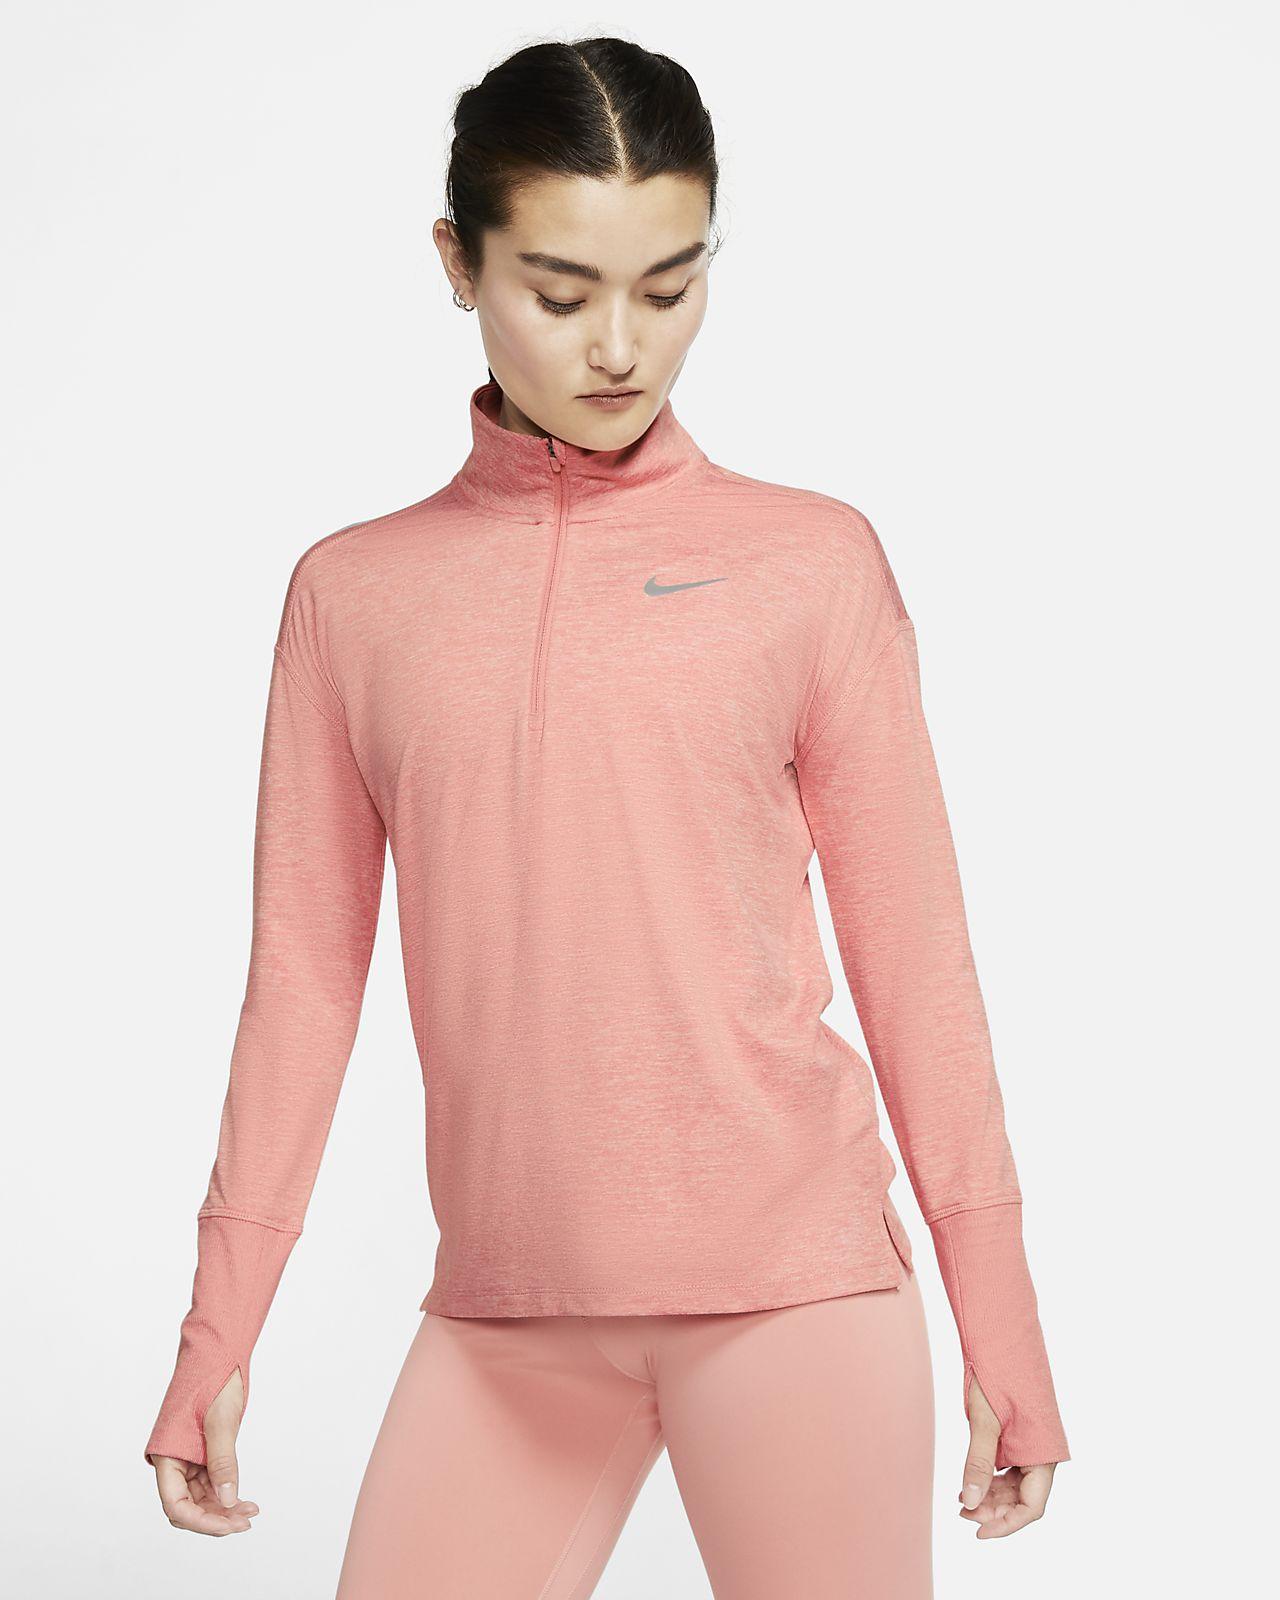 Nike Hardlooptop met halflange ritssluiting voor dames